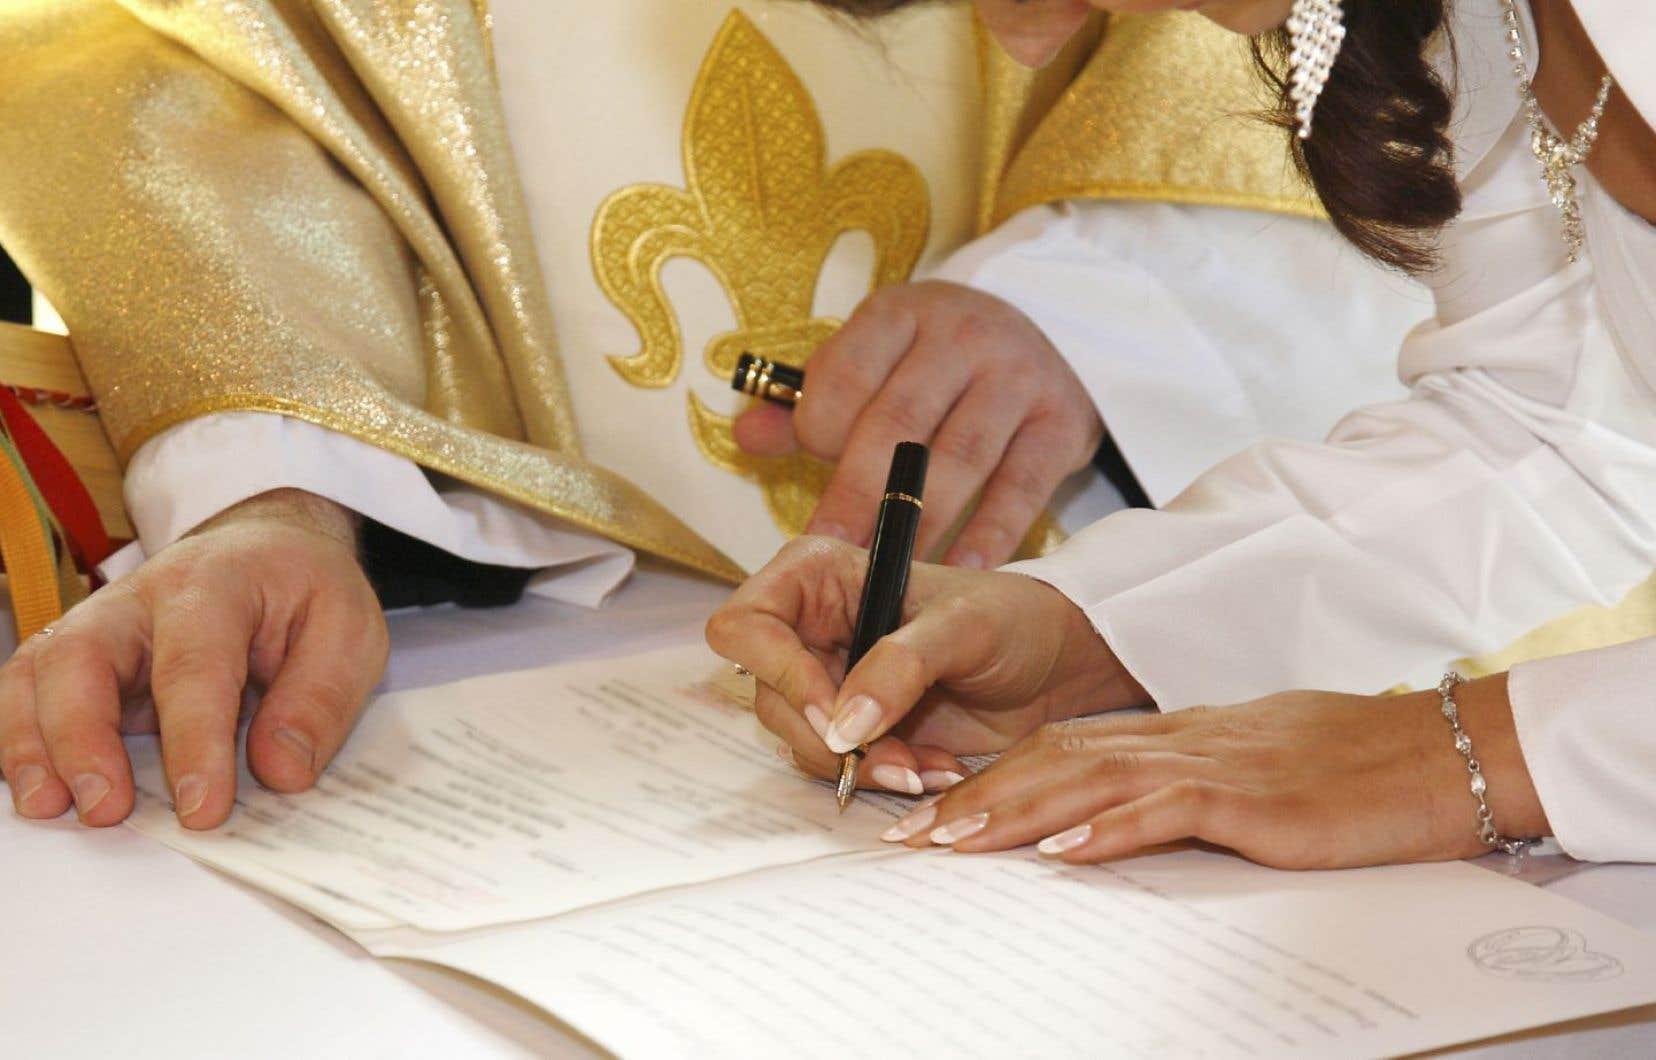 L'État n'a rien à voir dans l'encadrement des cérémonies religieuses, estime Québec.